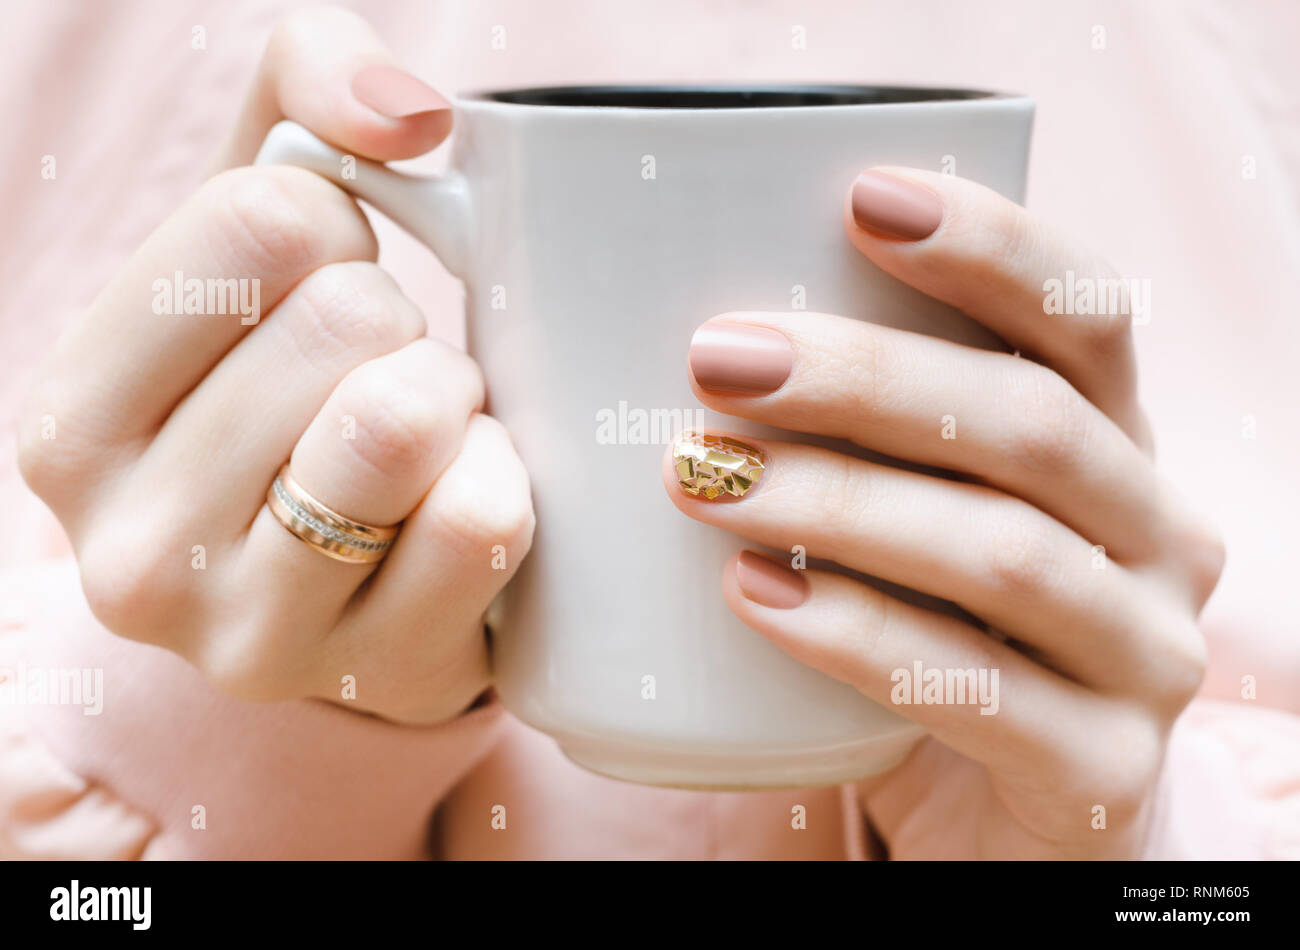 Manos Femeninas Con Diseño De Uñas De Color Beige Blanco La